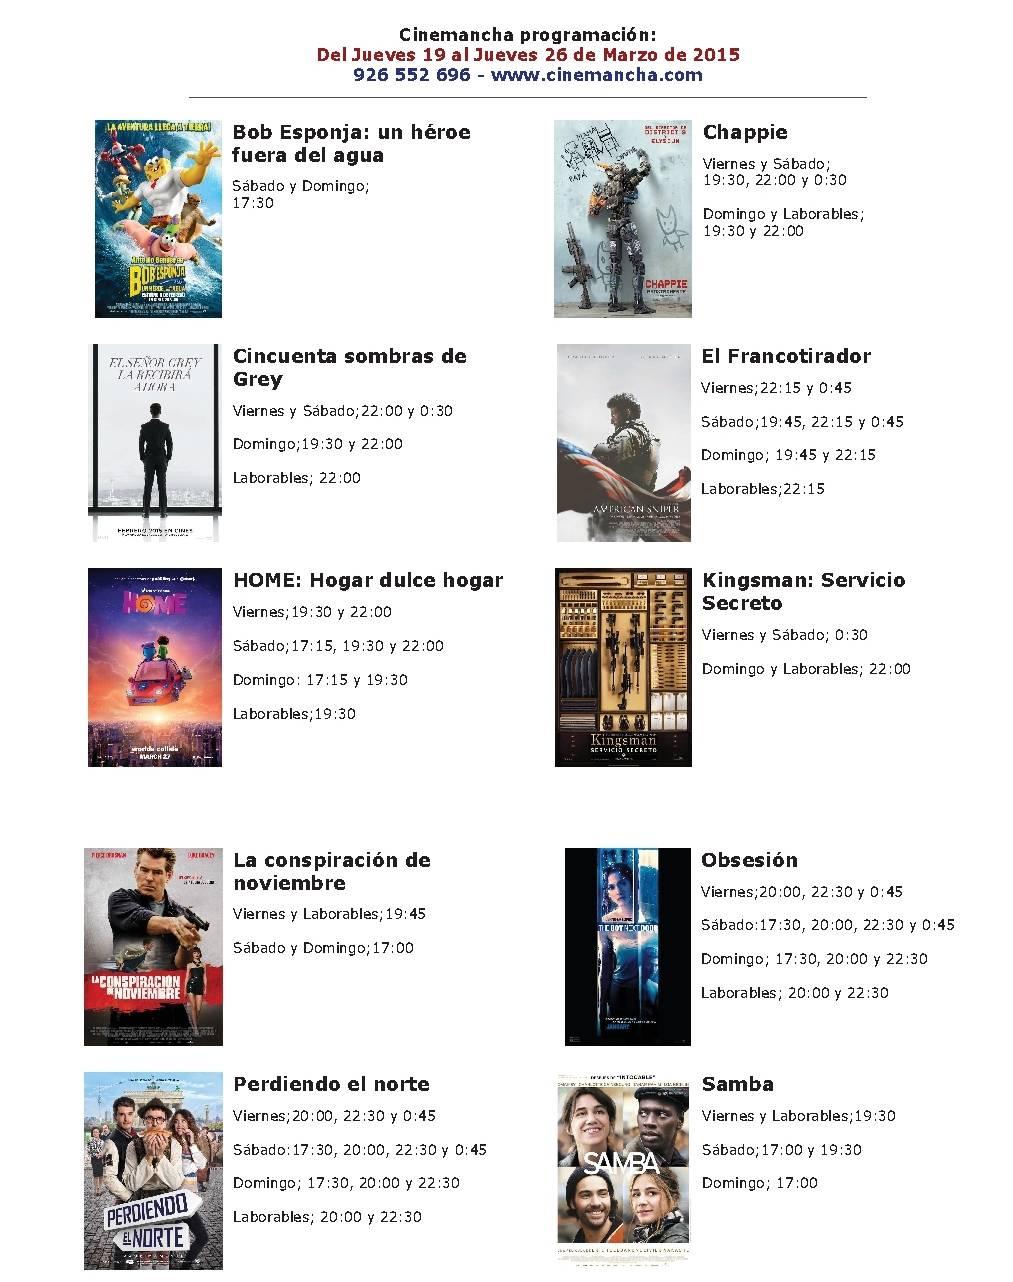 cartelera de cinemancha del jueves 19 al jueves 26 de marzo - Cartelera de Cinemancha del jueves 19 al jueves 26 de marzo